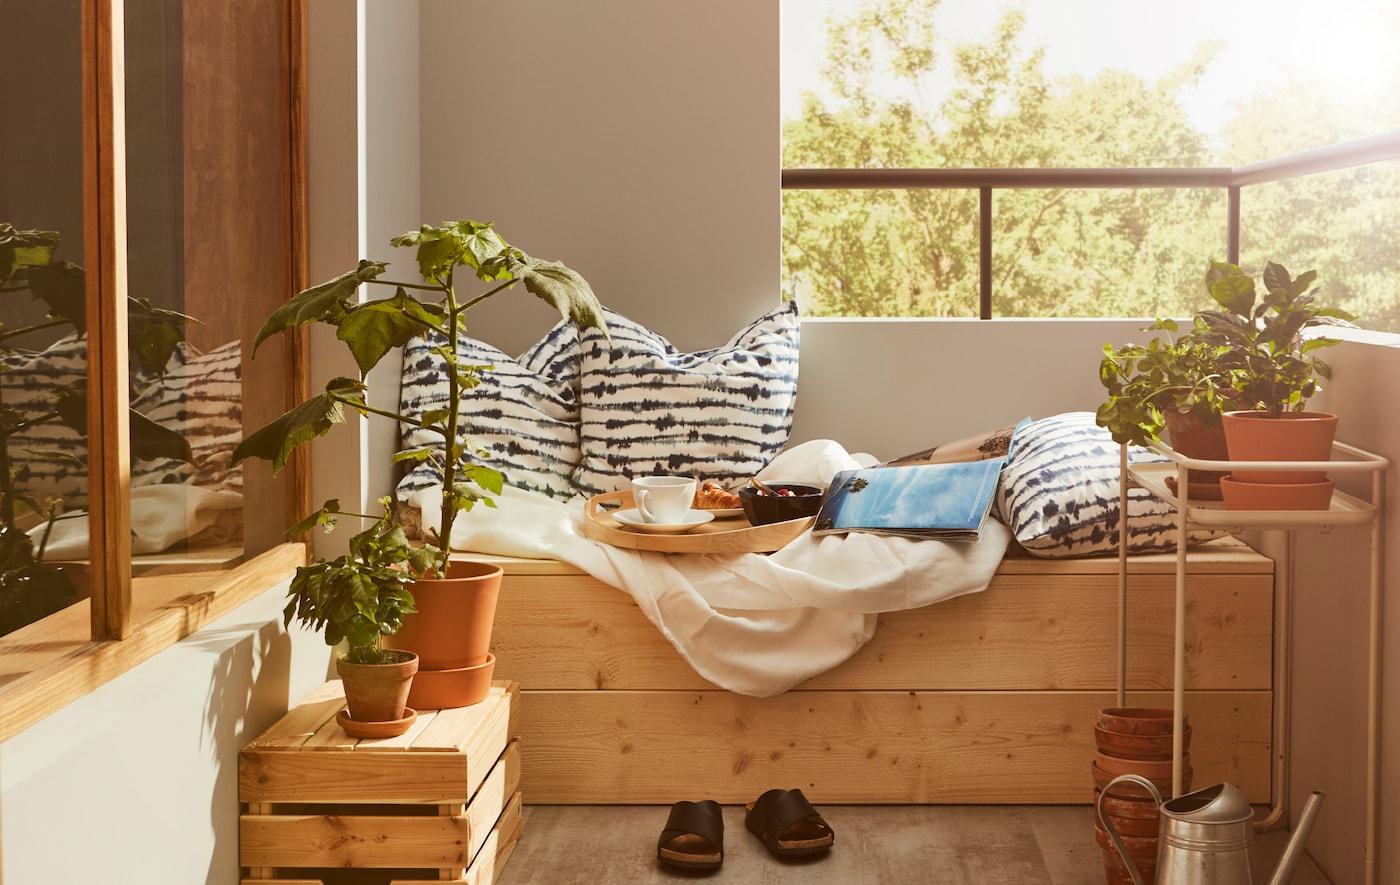 クッション、ベッドリネン、軽めの朝食を載せたトレイが置かれた木製の家具を配置したバルコニーコーナー。